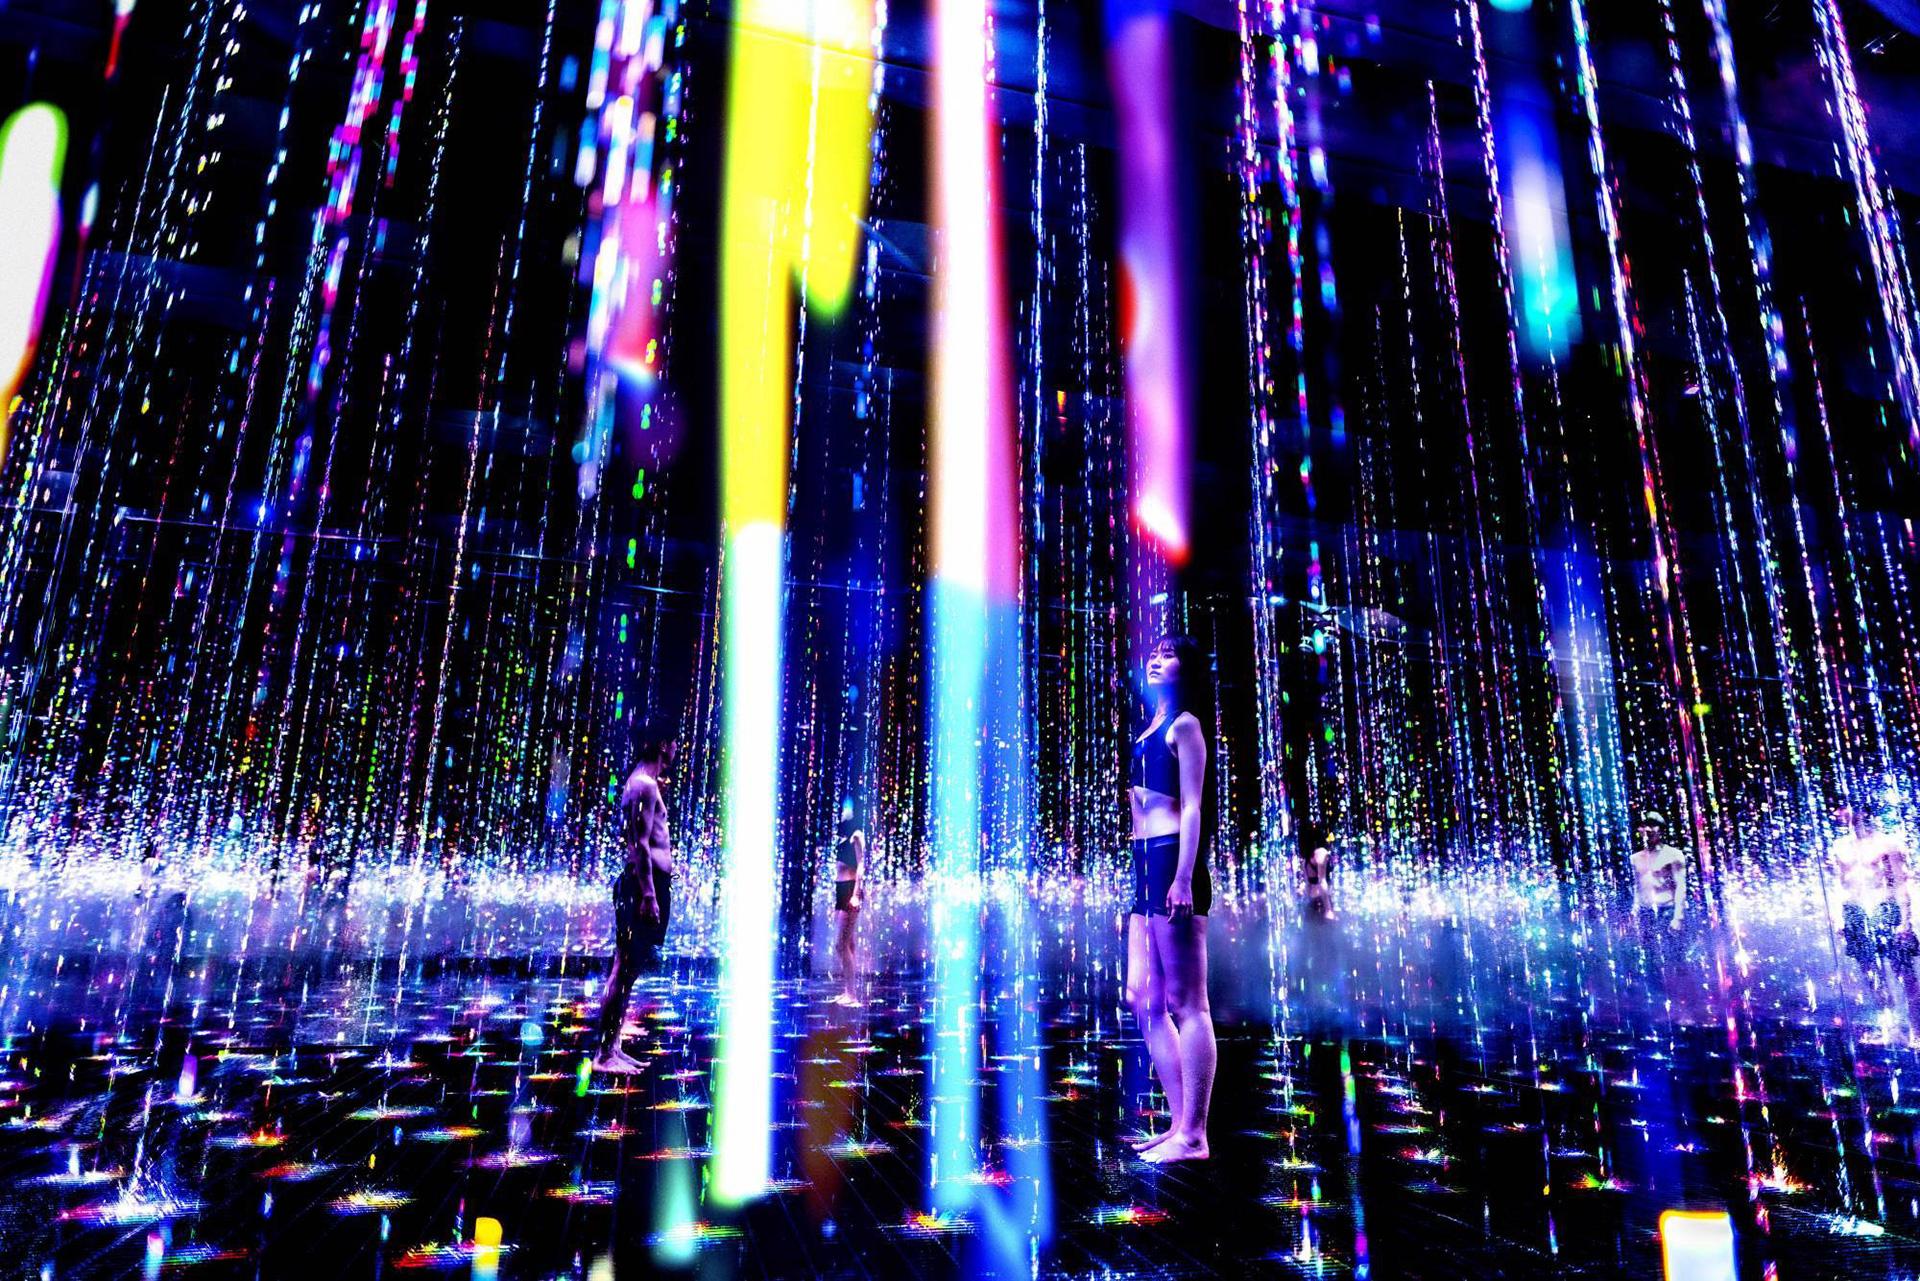 Иммерсивная выставка teamLab и TikTok в Токио